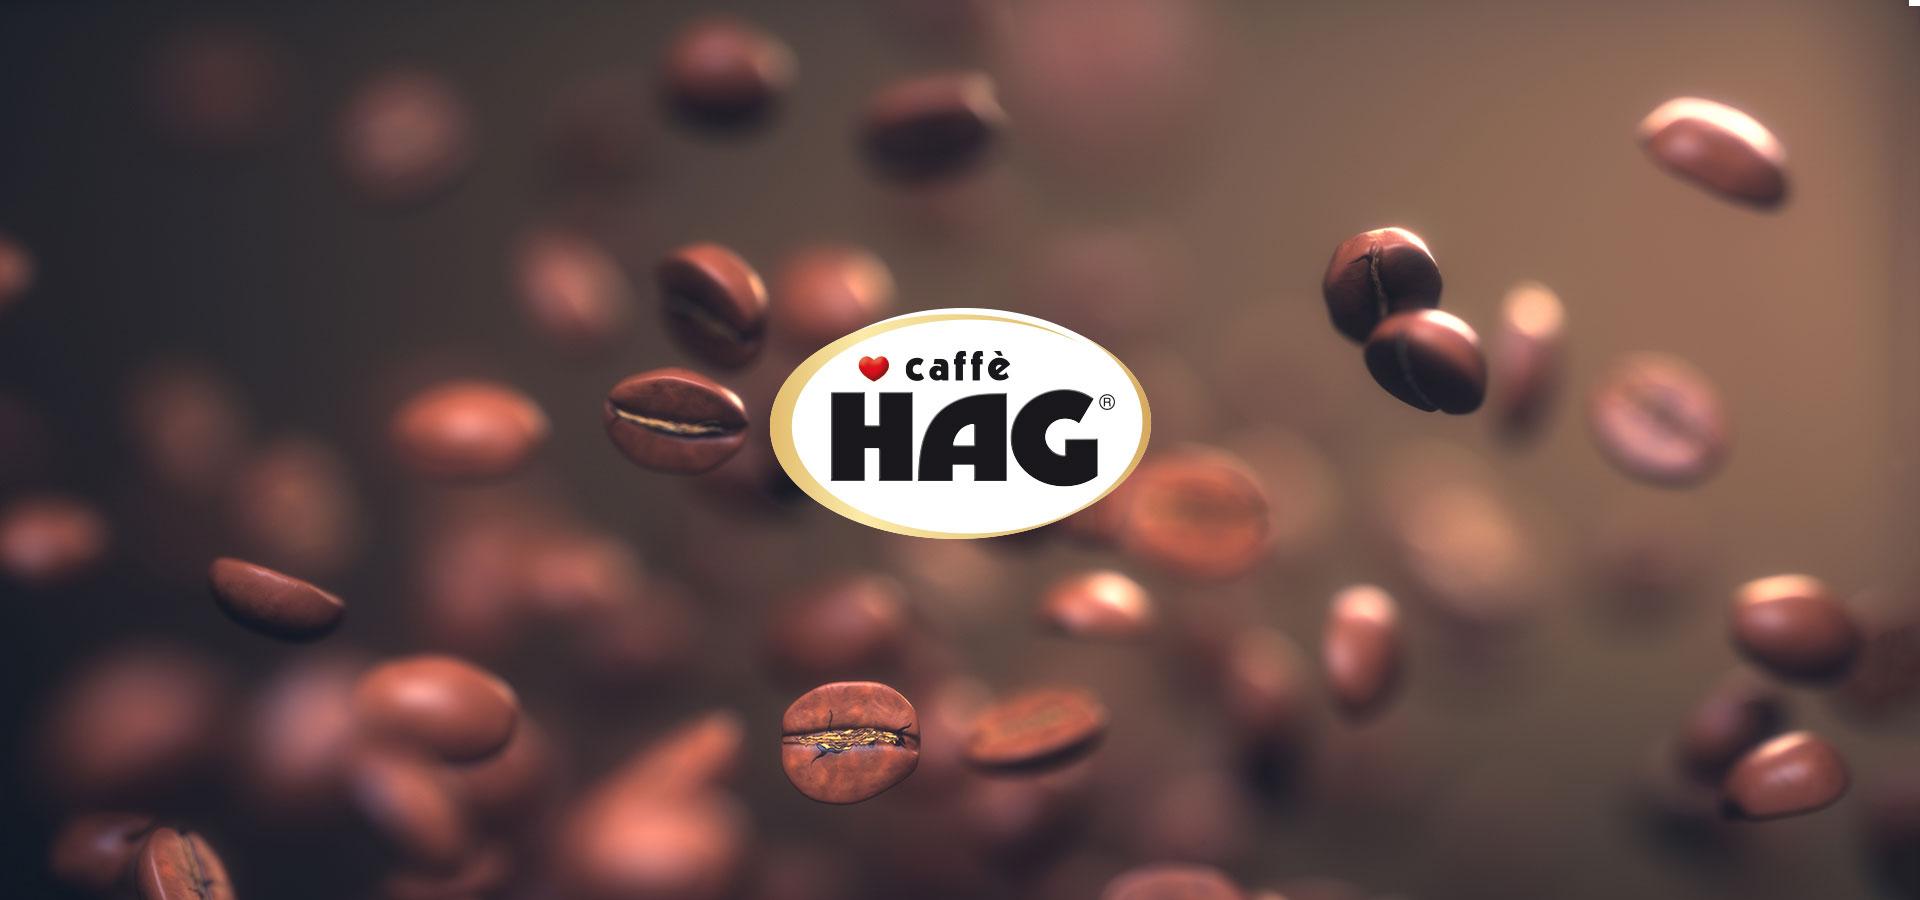 01_HAG-1920